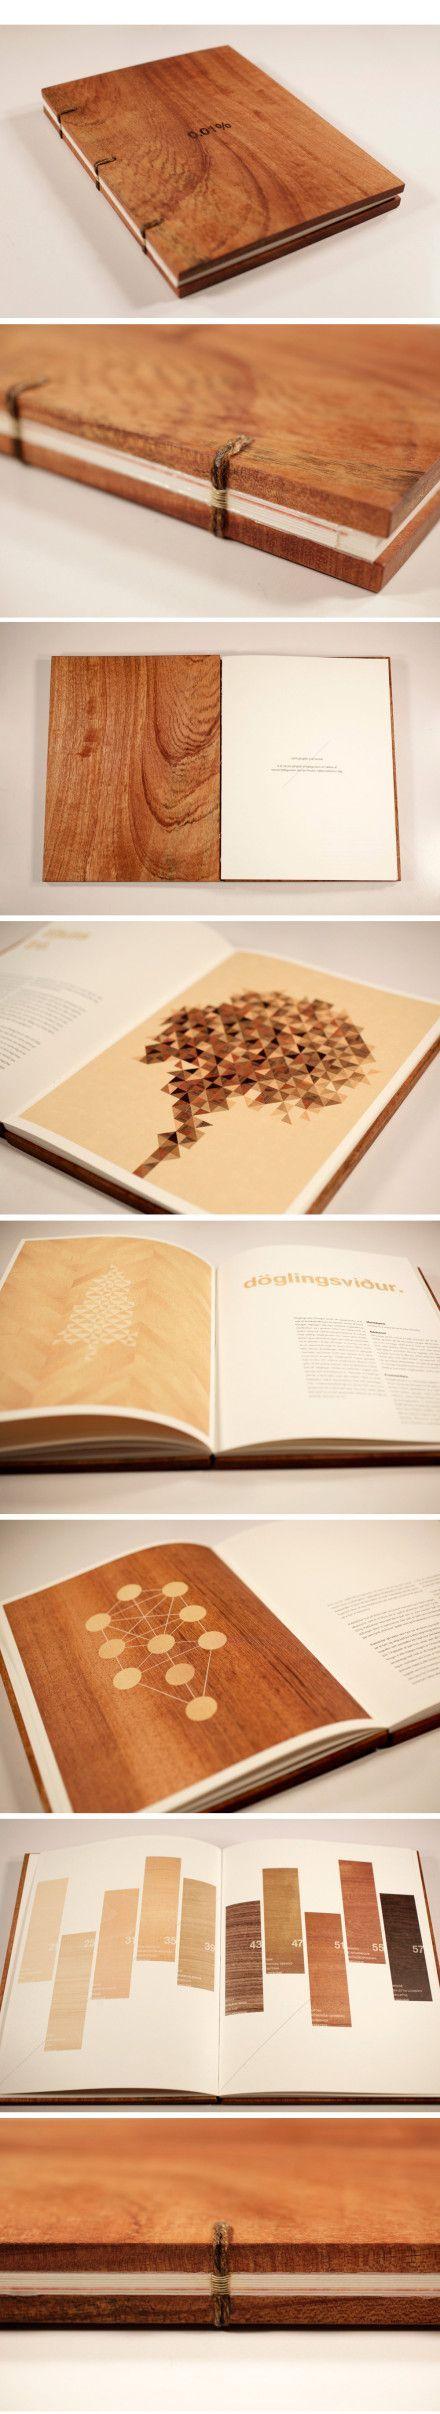 Holzbuch hmm, wie binde ich das? http: //www.duit …